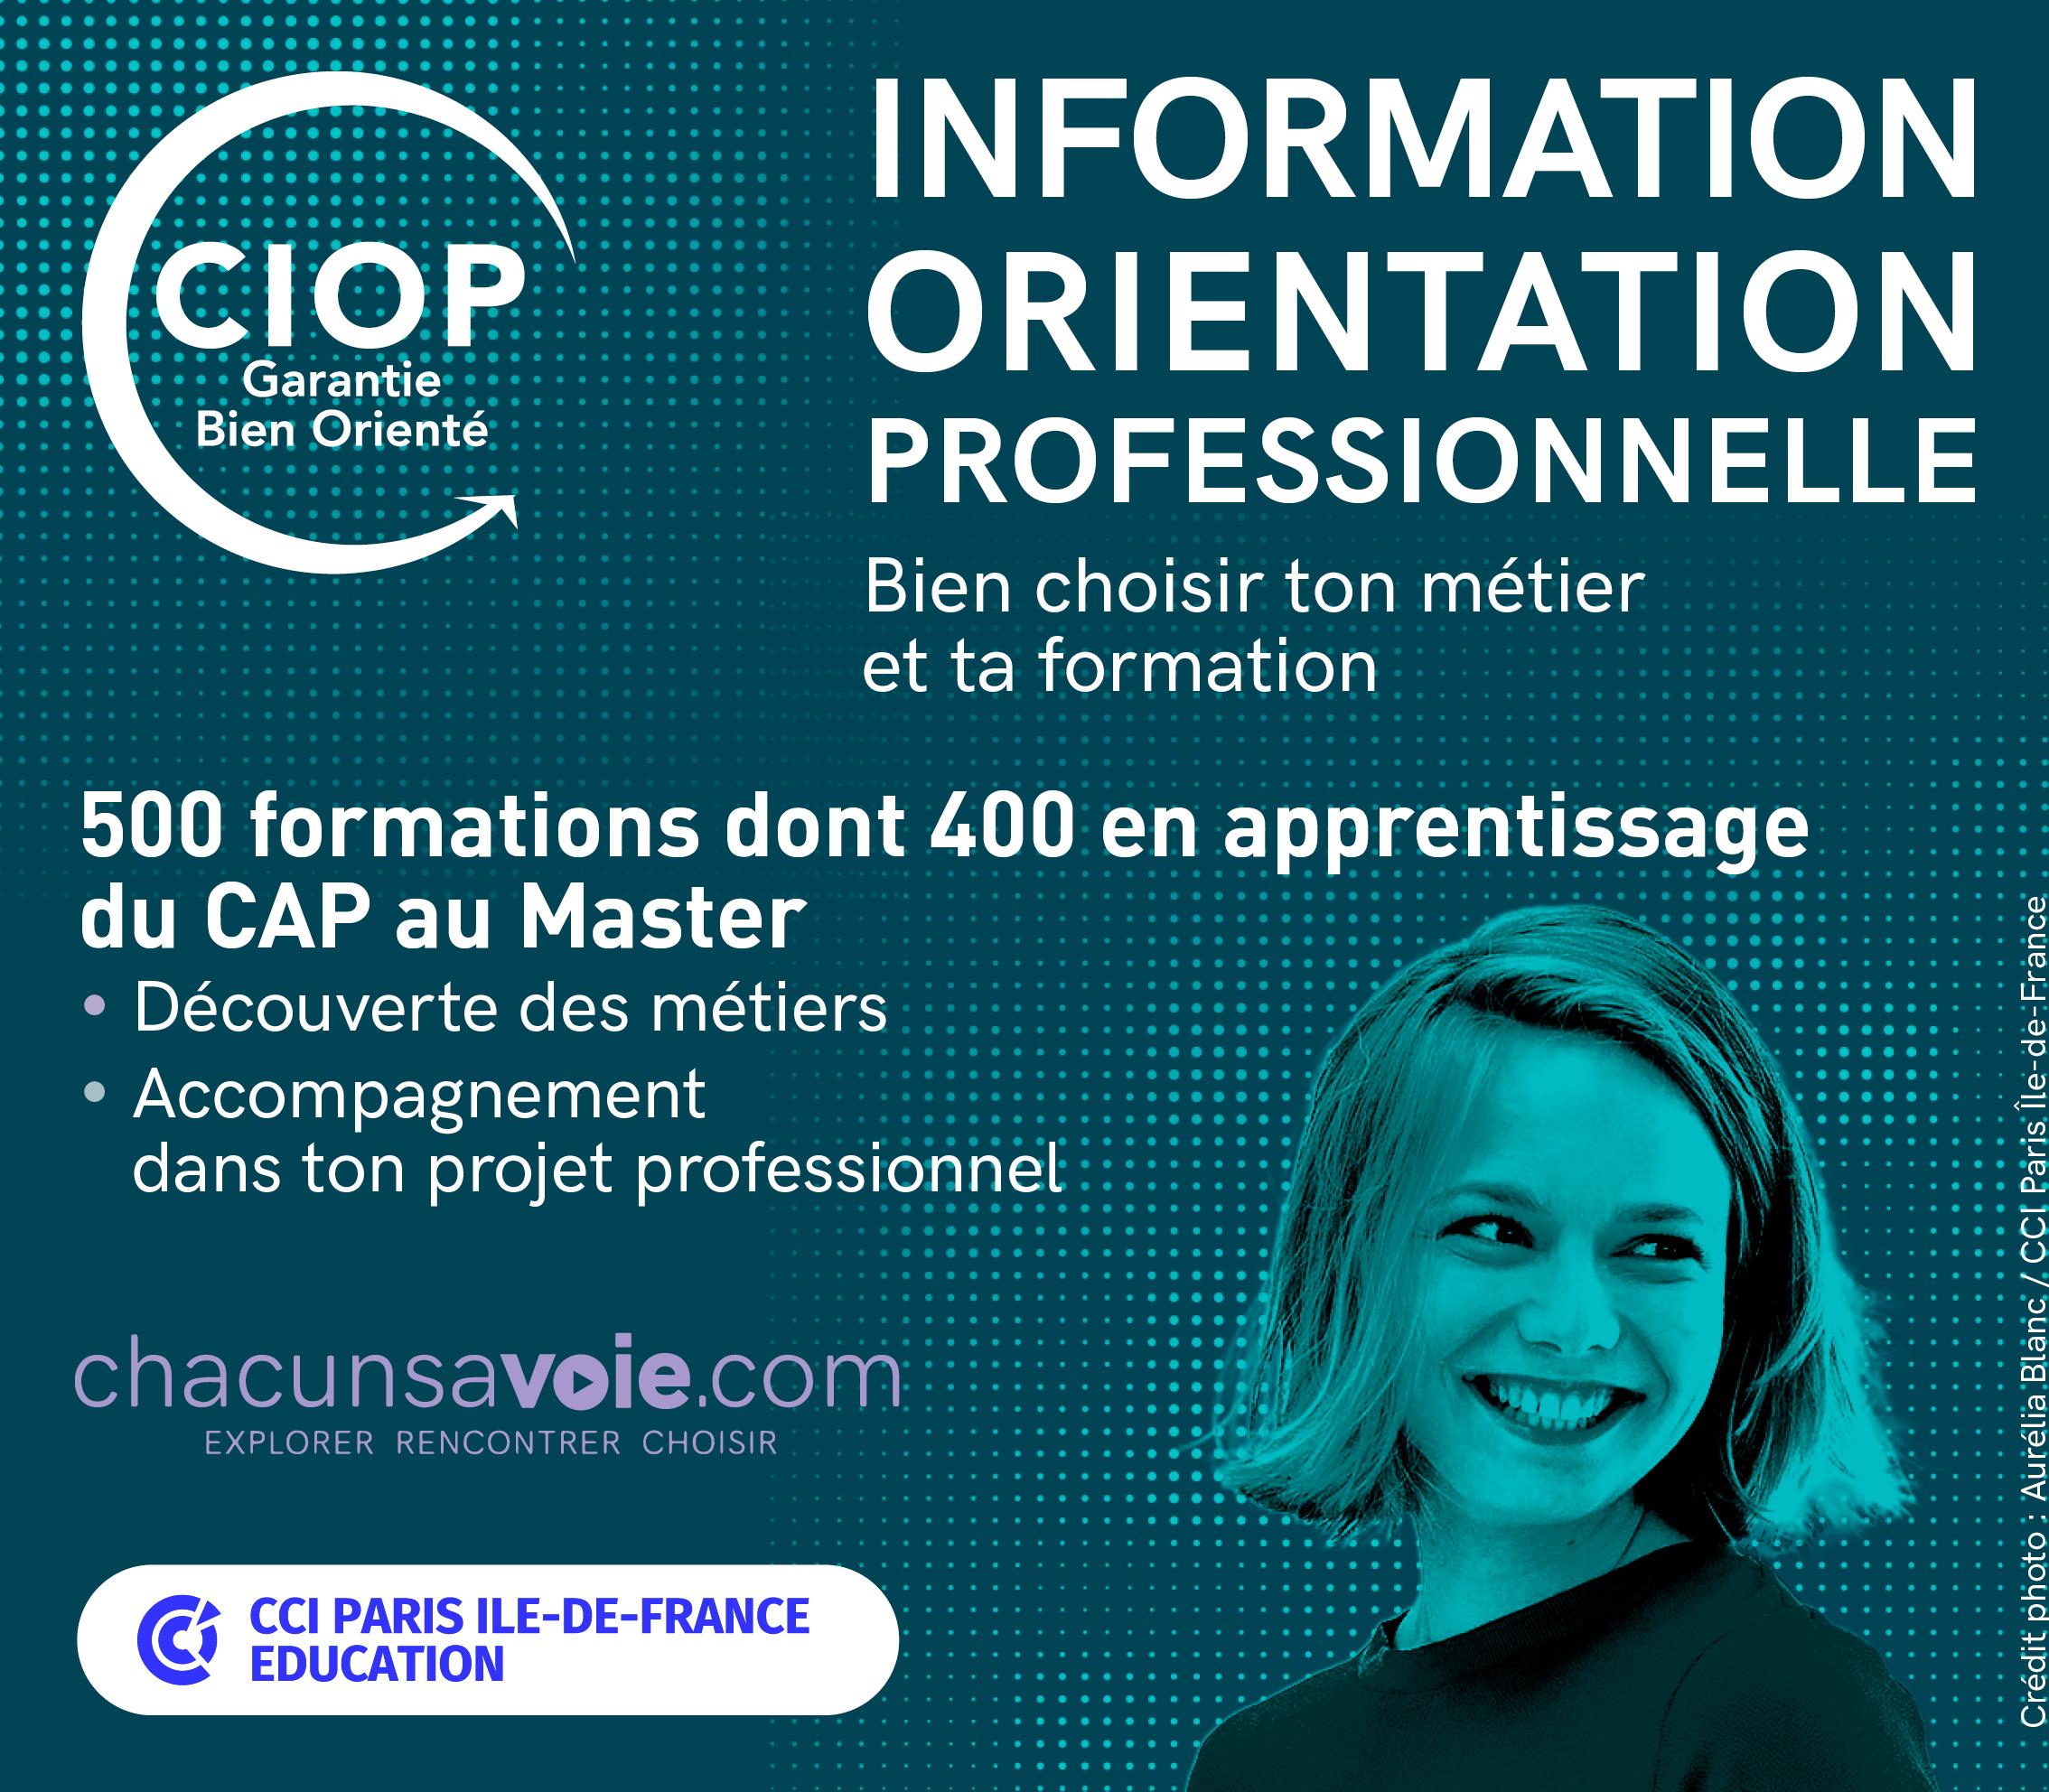 Visitez le stand de CIOP  (Centre d'information et d'orientation professionnelle)